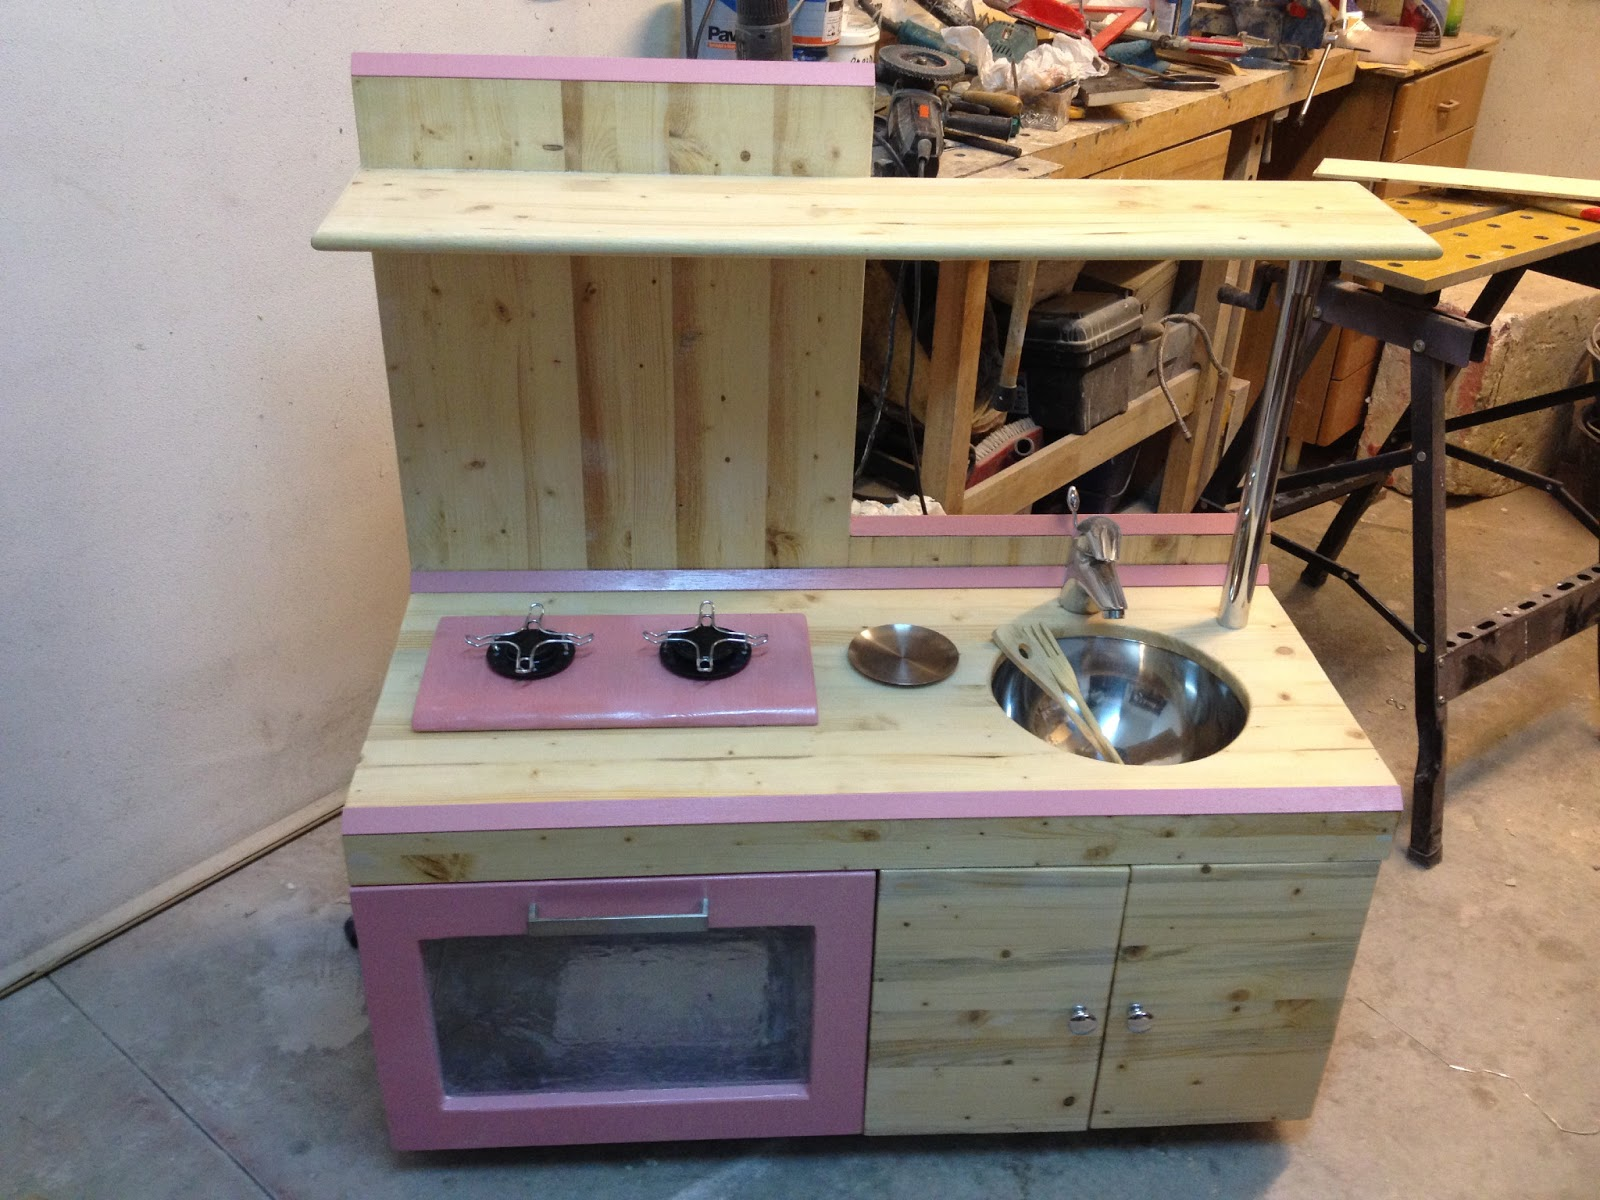 Mammarum come costruire una cucina per bambini di legno - Cucine bimbe giocattoli ...